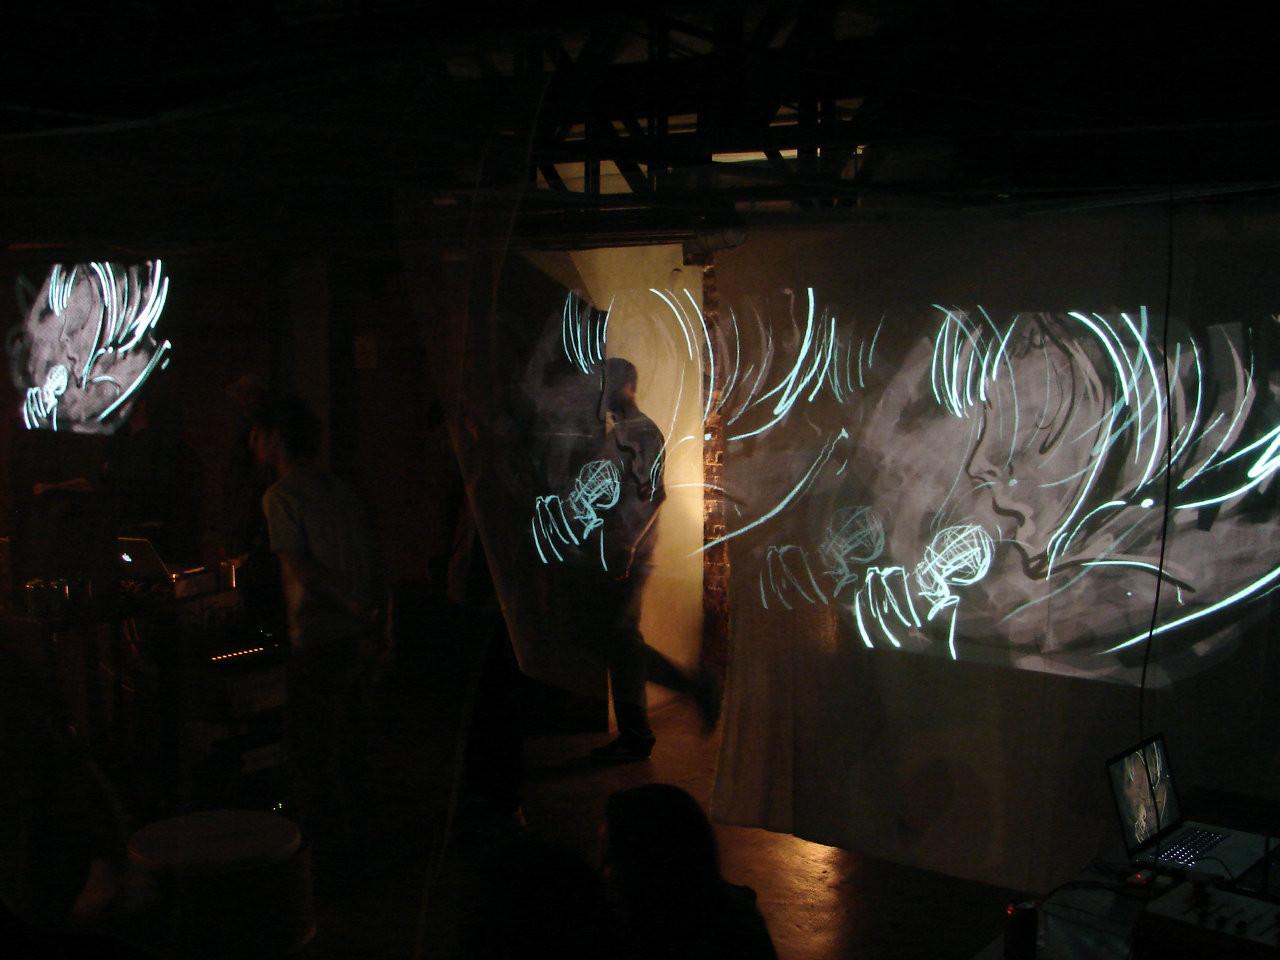 Digital Live Painting Improvisado #39 - Casa das Caldeiras 2010